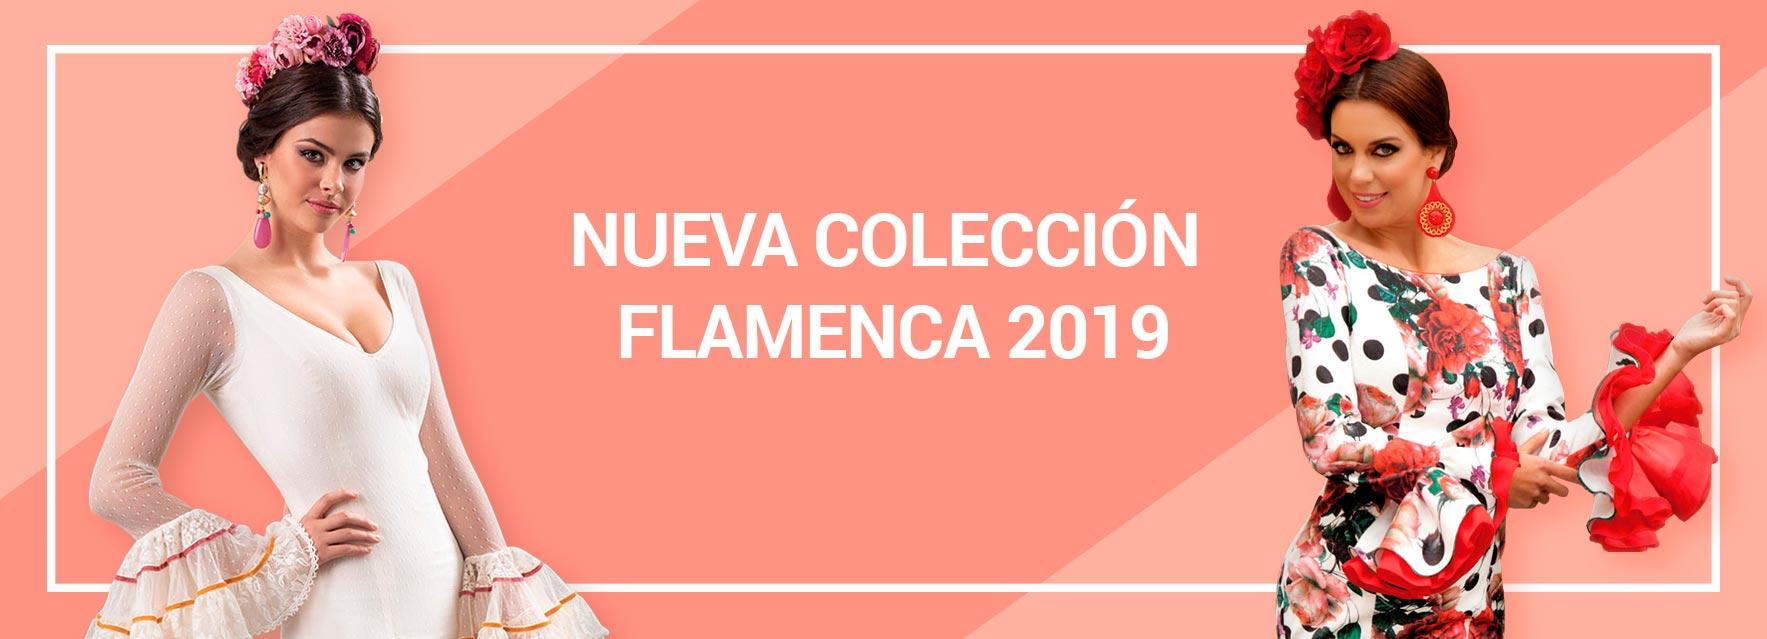 Nueva colección de trajes de flamenca de 2019